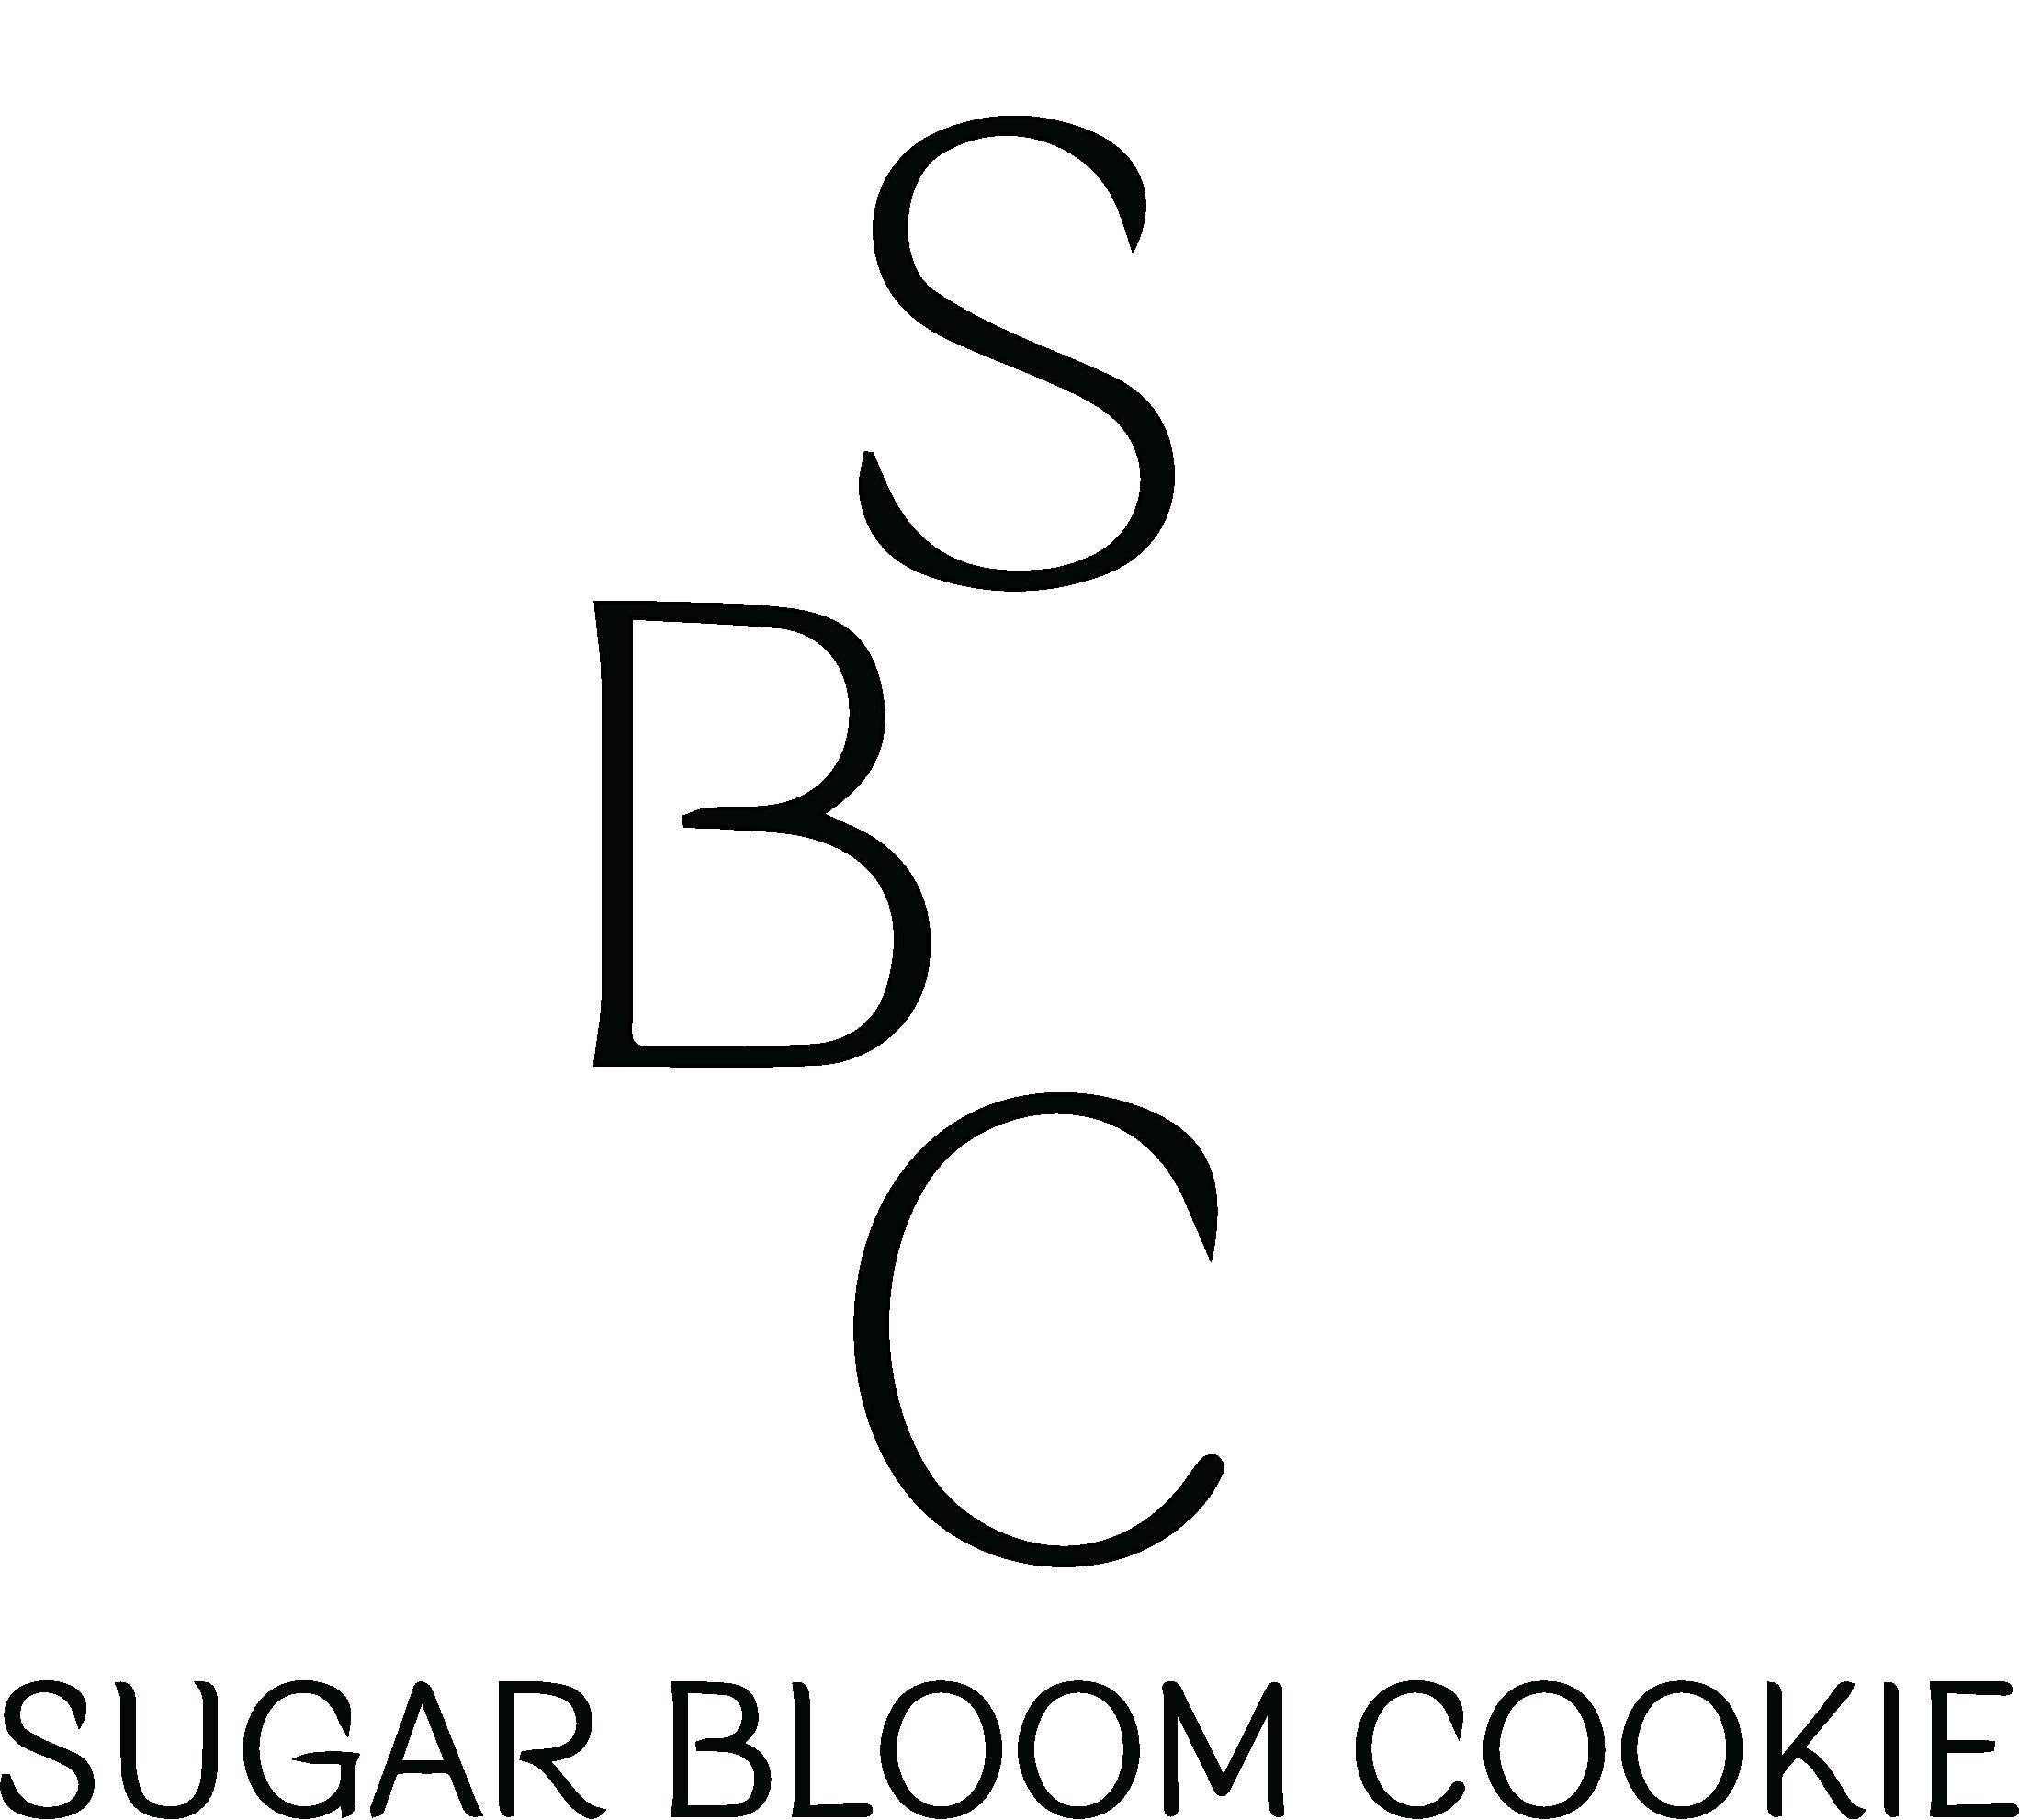 Sugar Bloom Cookie